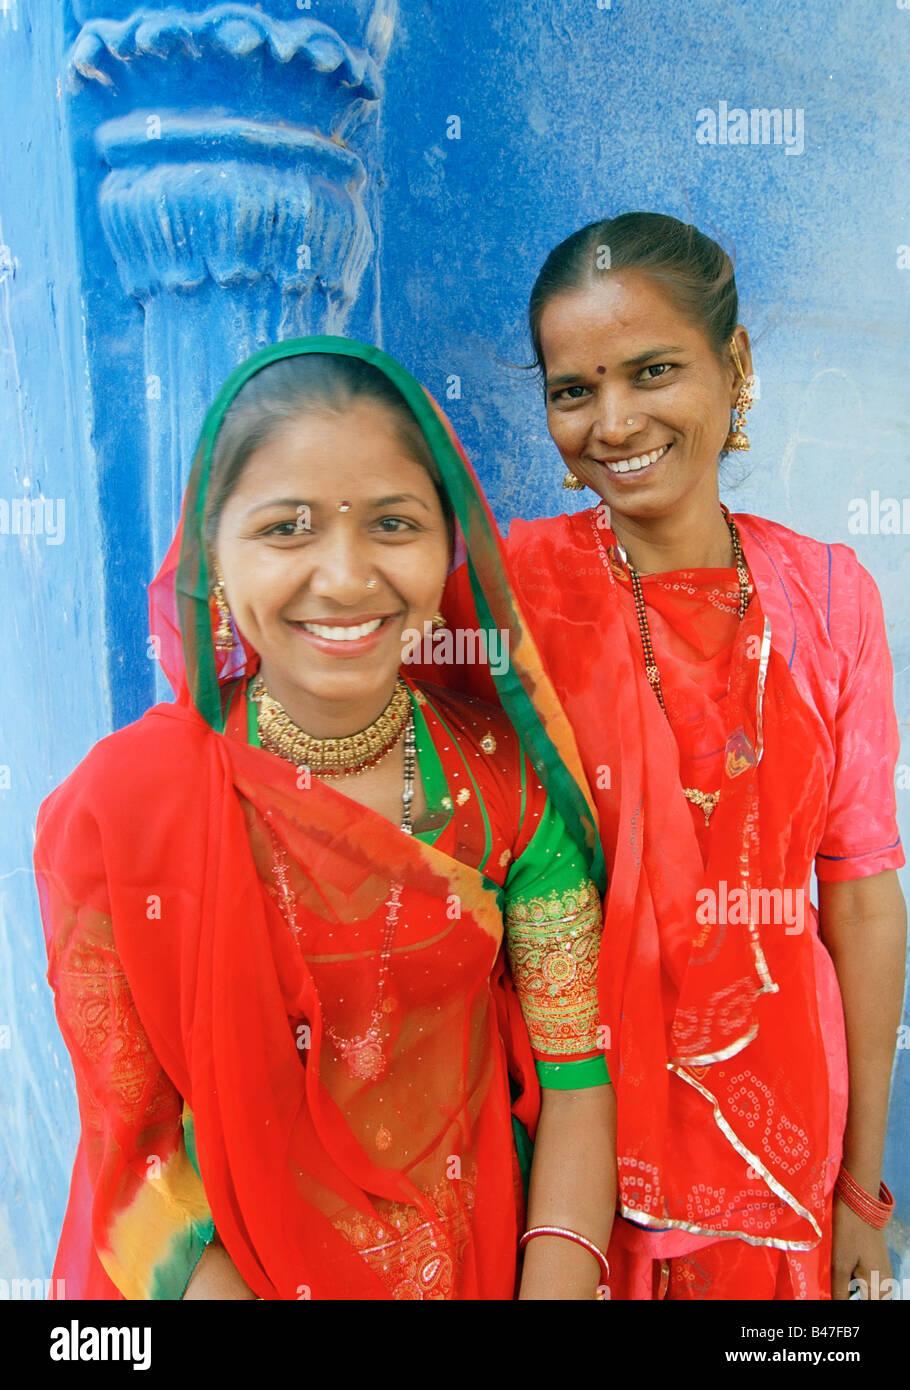 ASIA, India, Jodphur, Rajasthan, locale le donne indiane nel tradizionale sari abiti e gioielli - MR Immagini Stock